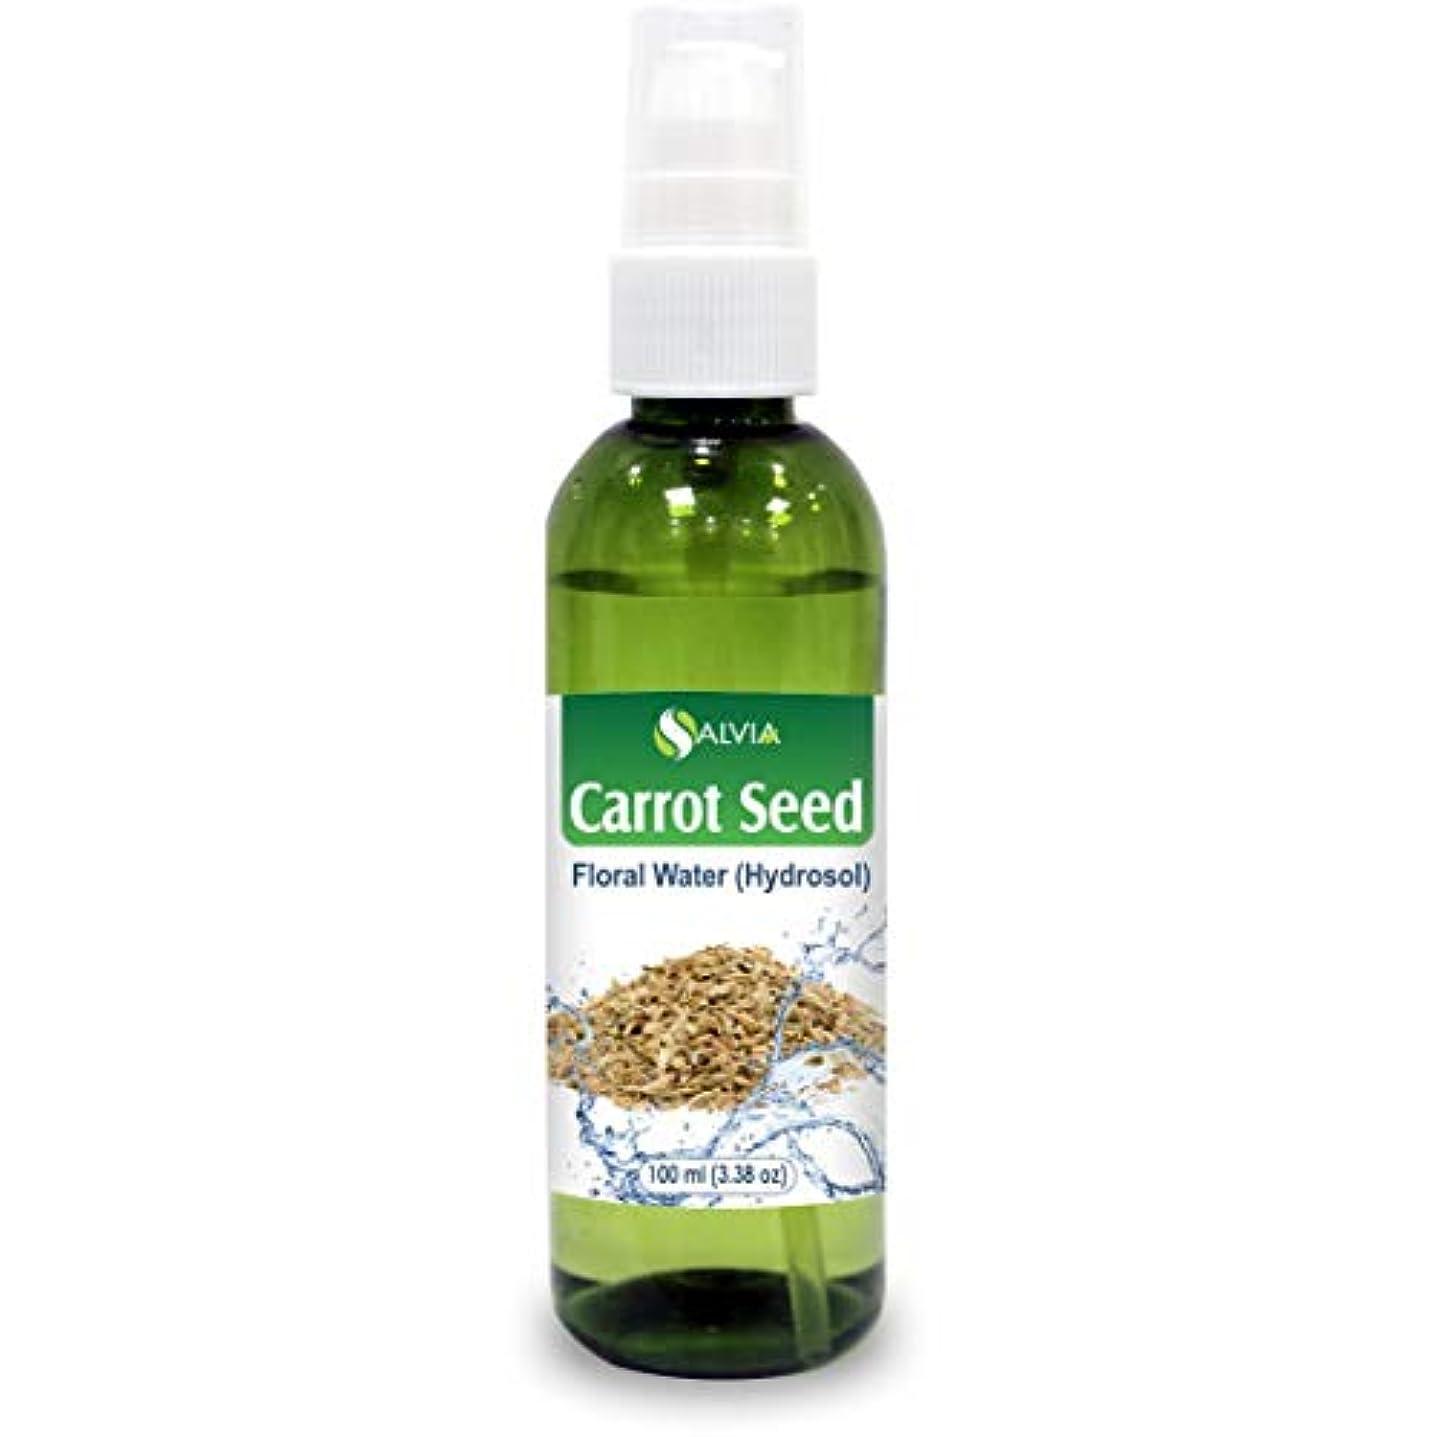 インターネットかかわらず温度Carrot Seed Floral Water Floral Water 100ml (Hydrosol) 100% Pure And Natural